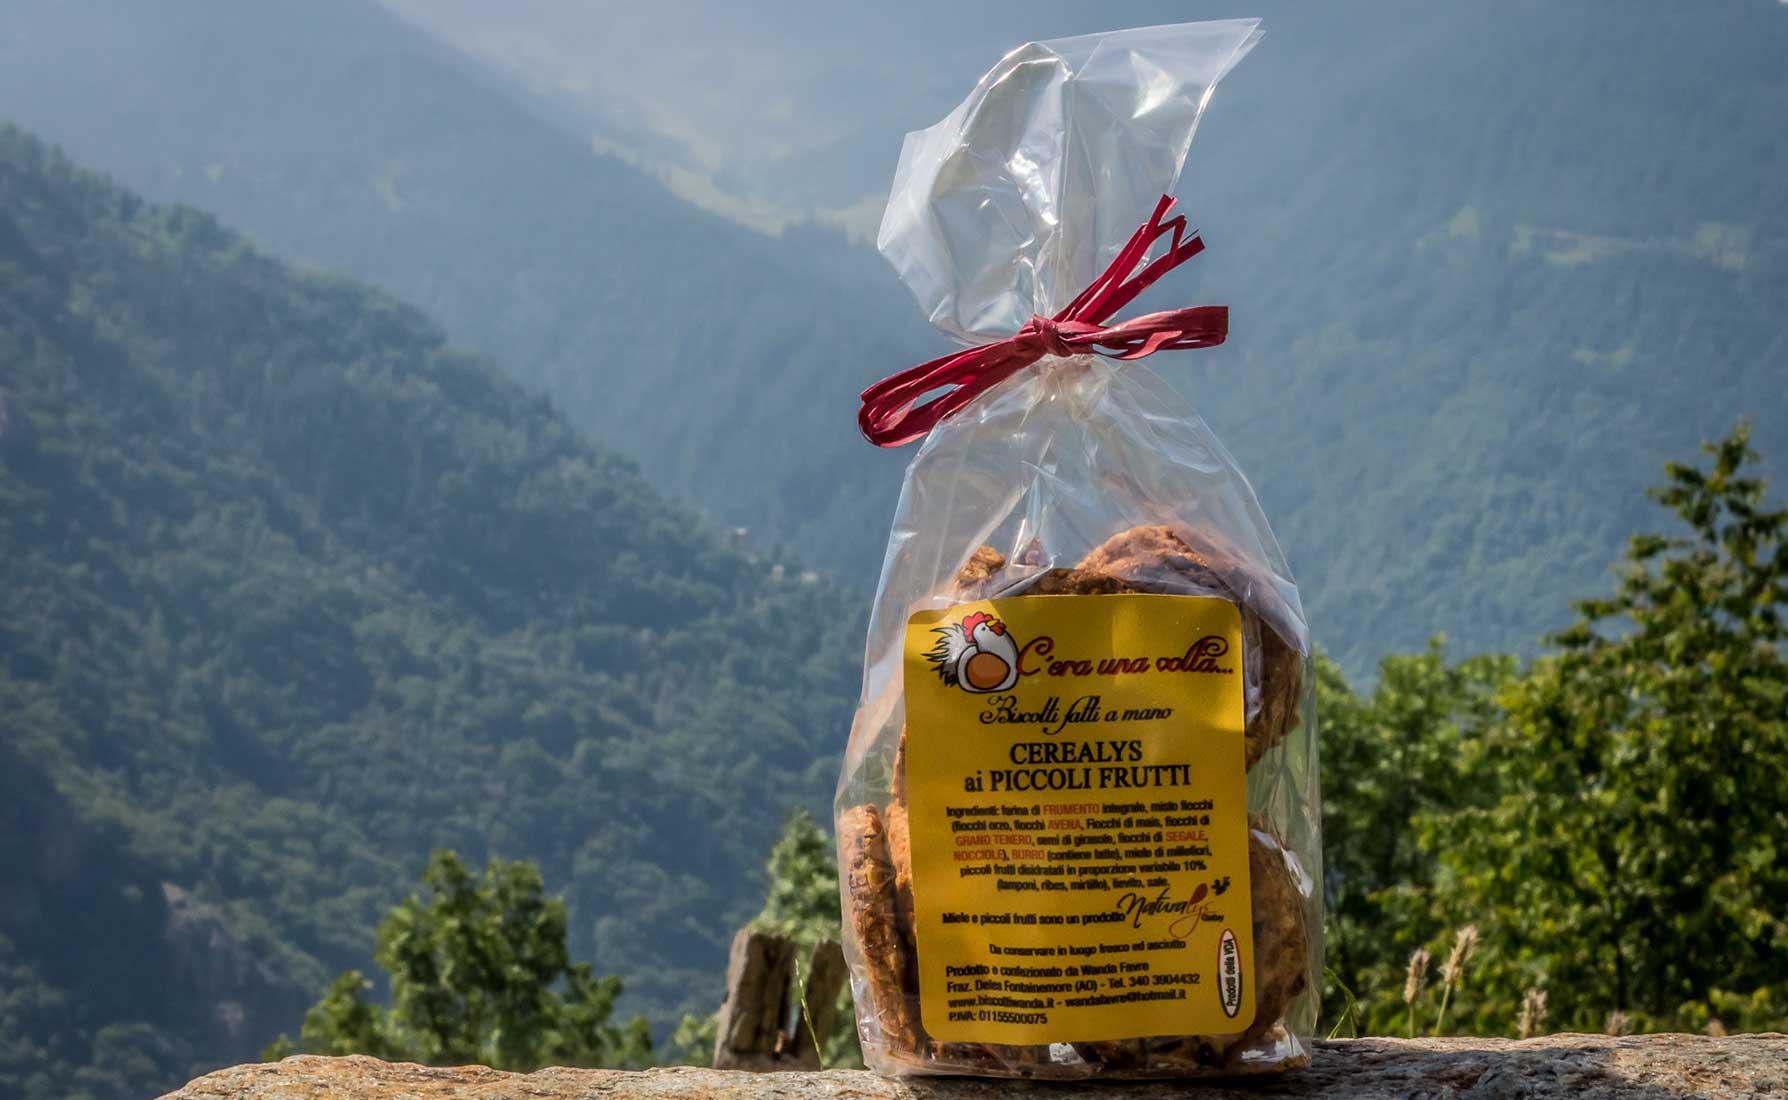 """I Cerealys ai piccoli frutti prodotti da """"C'era una volta"""" di Wanda Favre"""